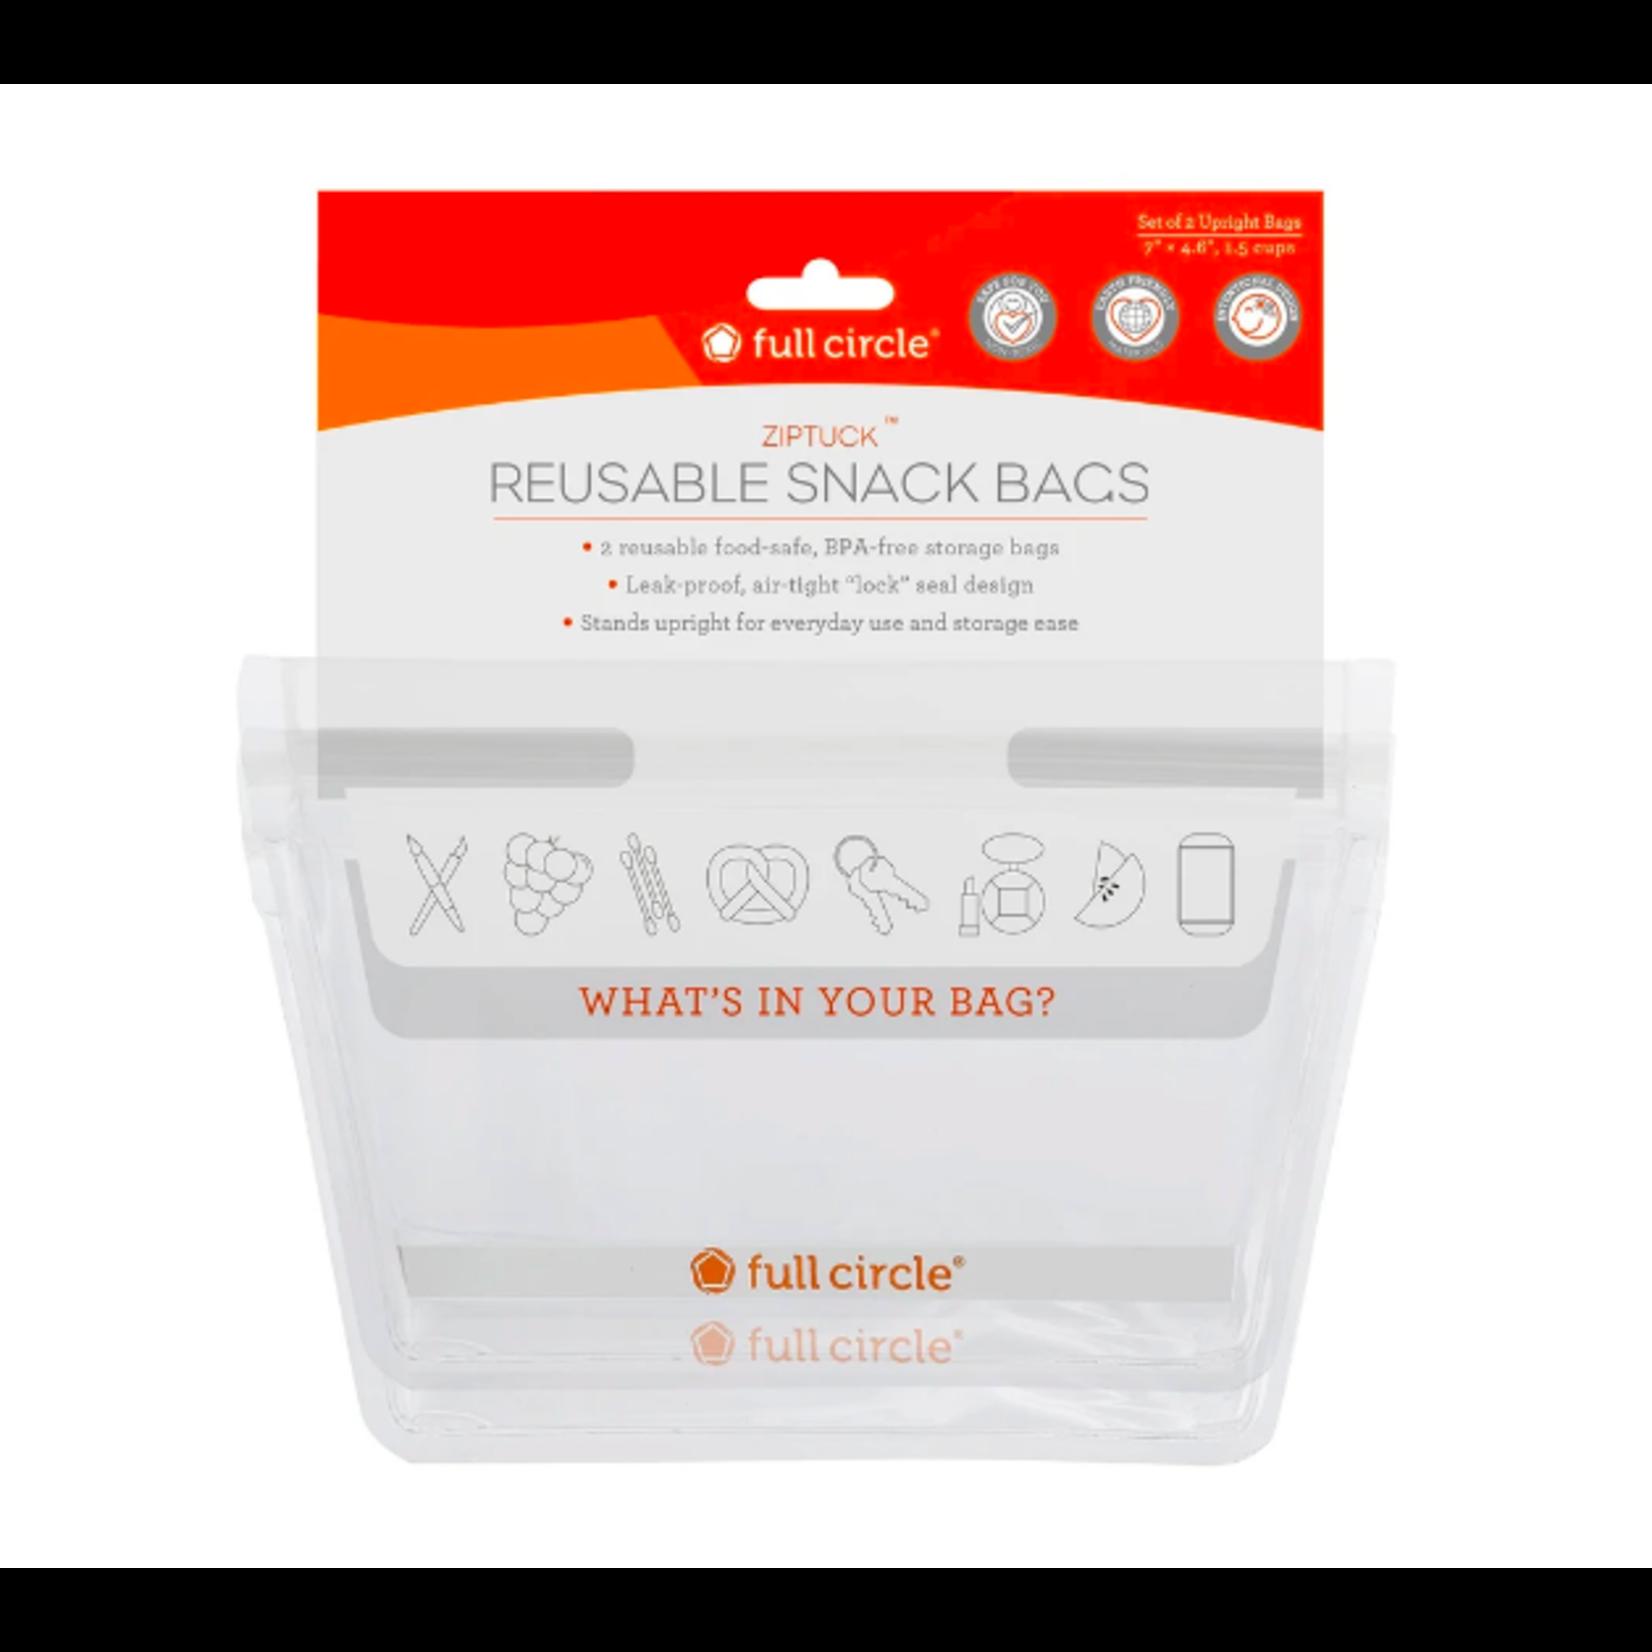 Full Circle Full Circle Ziptuck Reusable Snack Bag 2 Pack